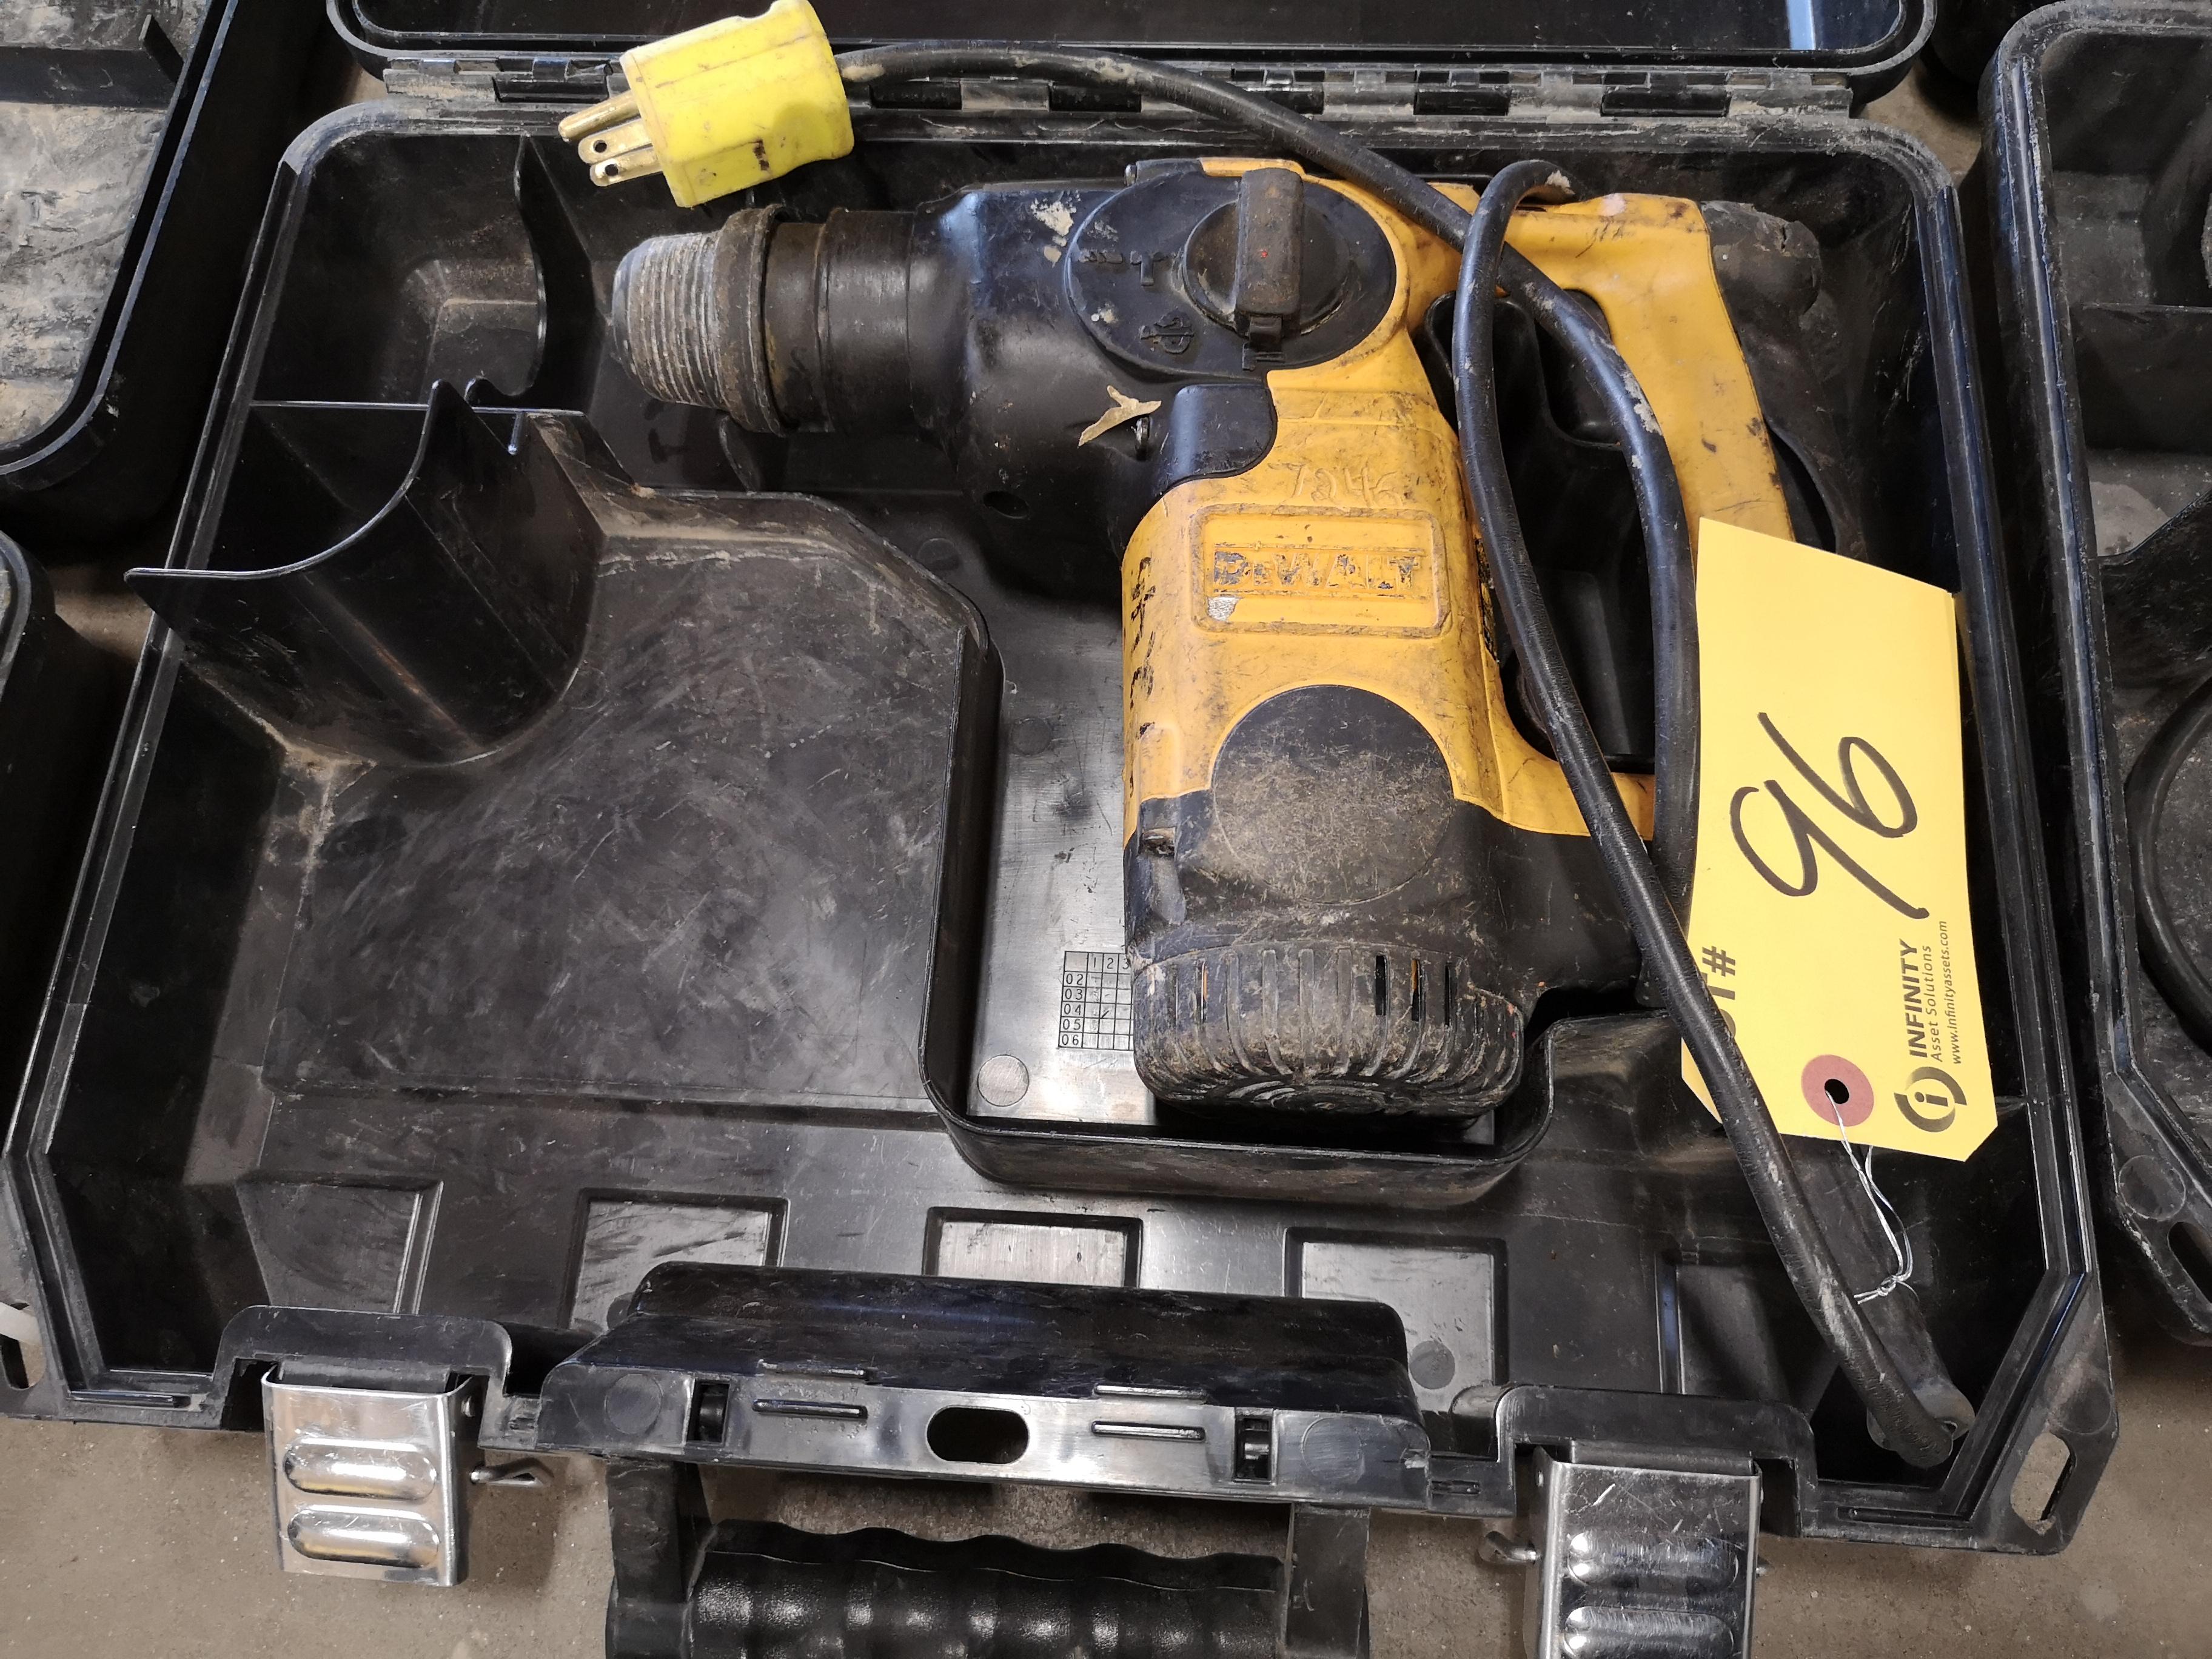 DEWALT D25303 L-SHAPE THREE MODE SDS ROTARY HAMMER DRILL (LOCATED AT 1135 STELLAR DRIVE,